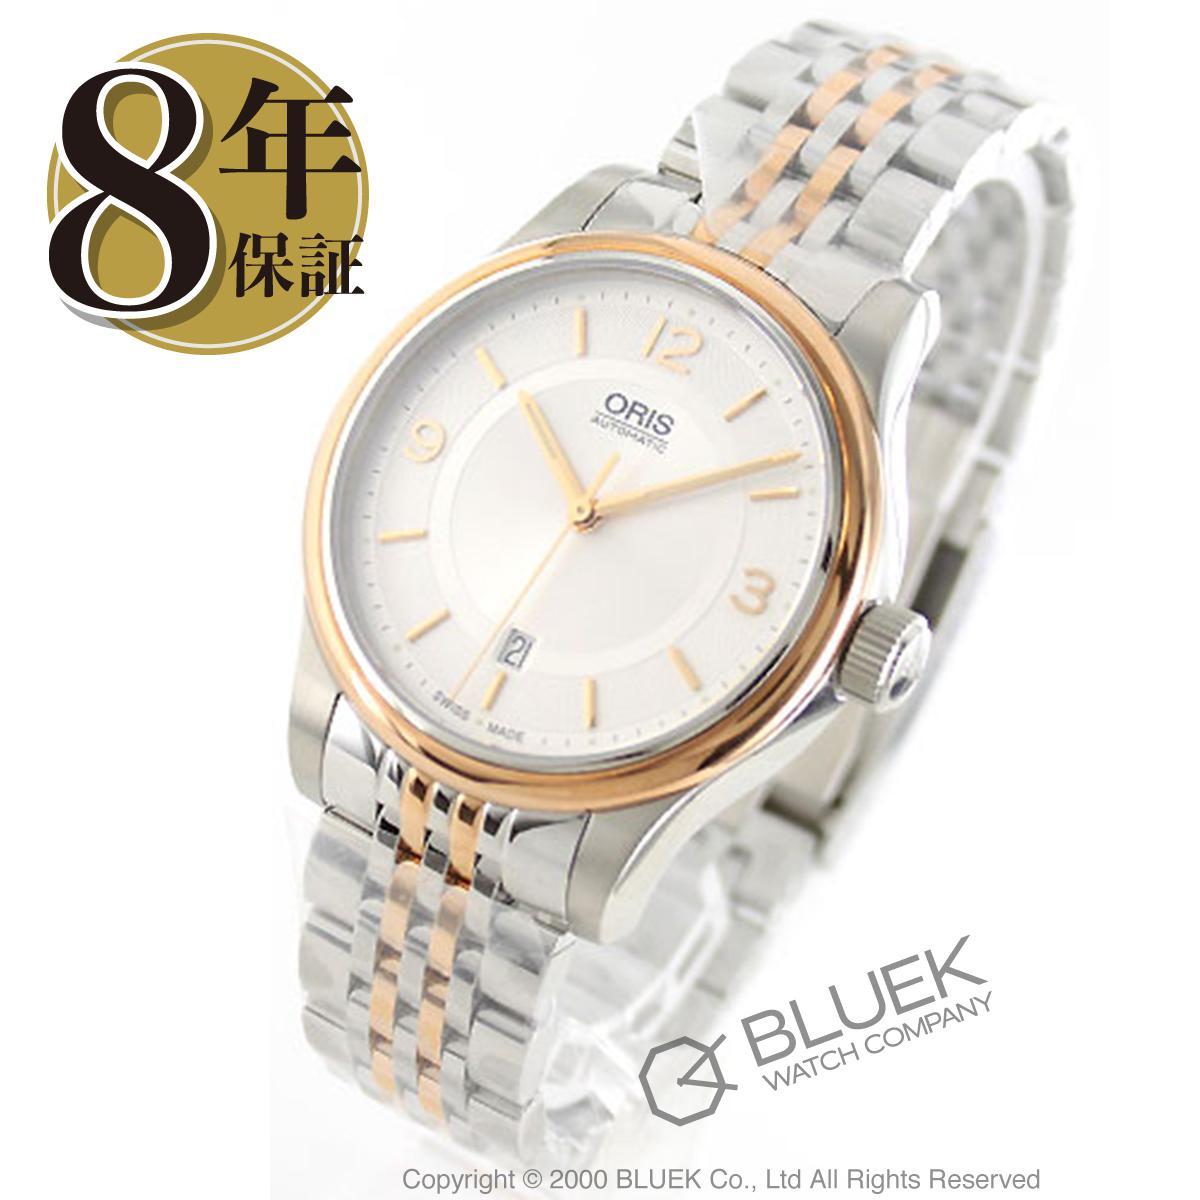 5e4b3dd7a1 オリス クラシック 腕時計 メンズ ORIS 733 7594 4331M_8 [送料無料][オリス][733 7594 4331M][ORIS][時計 ][新品]